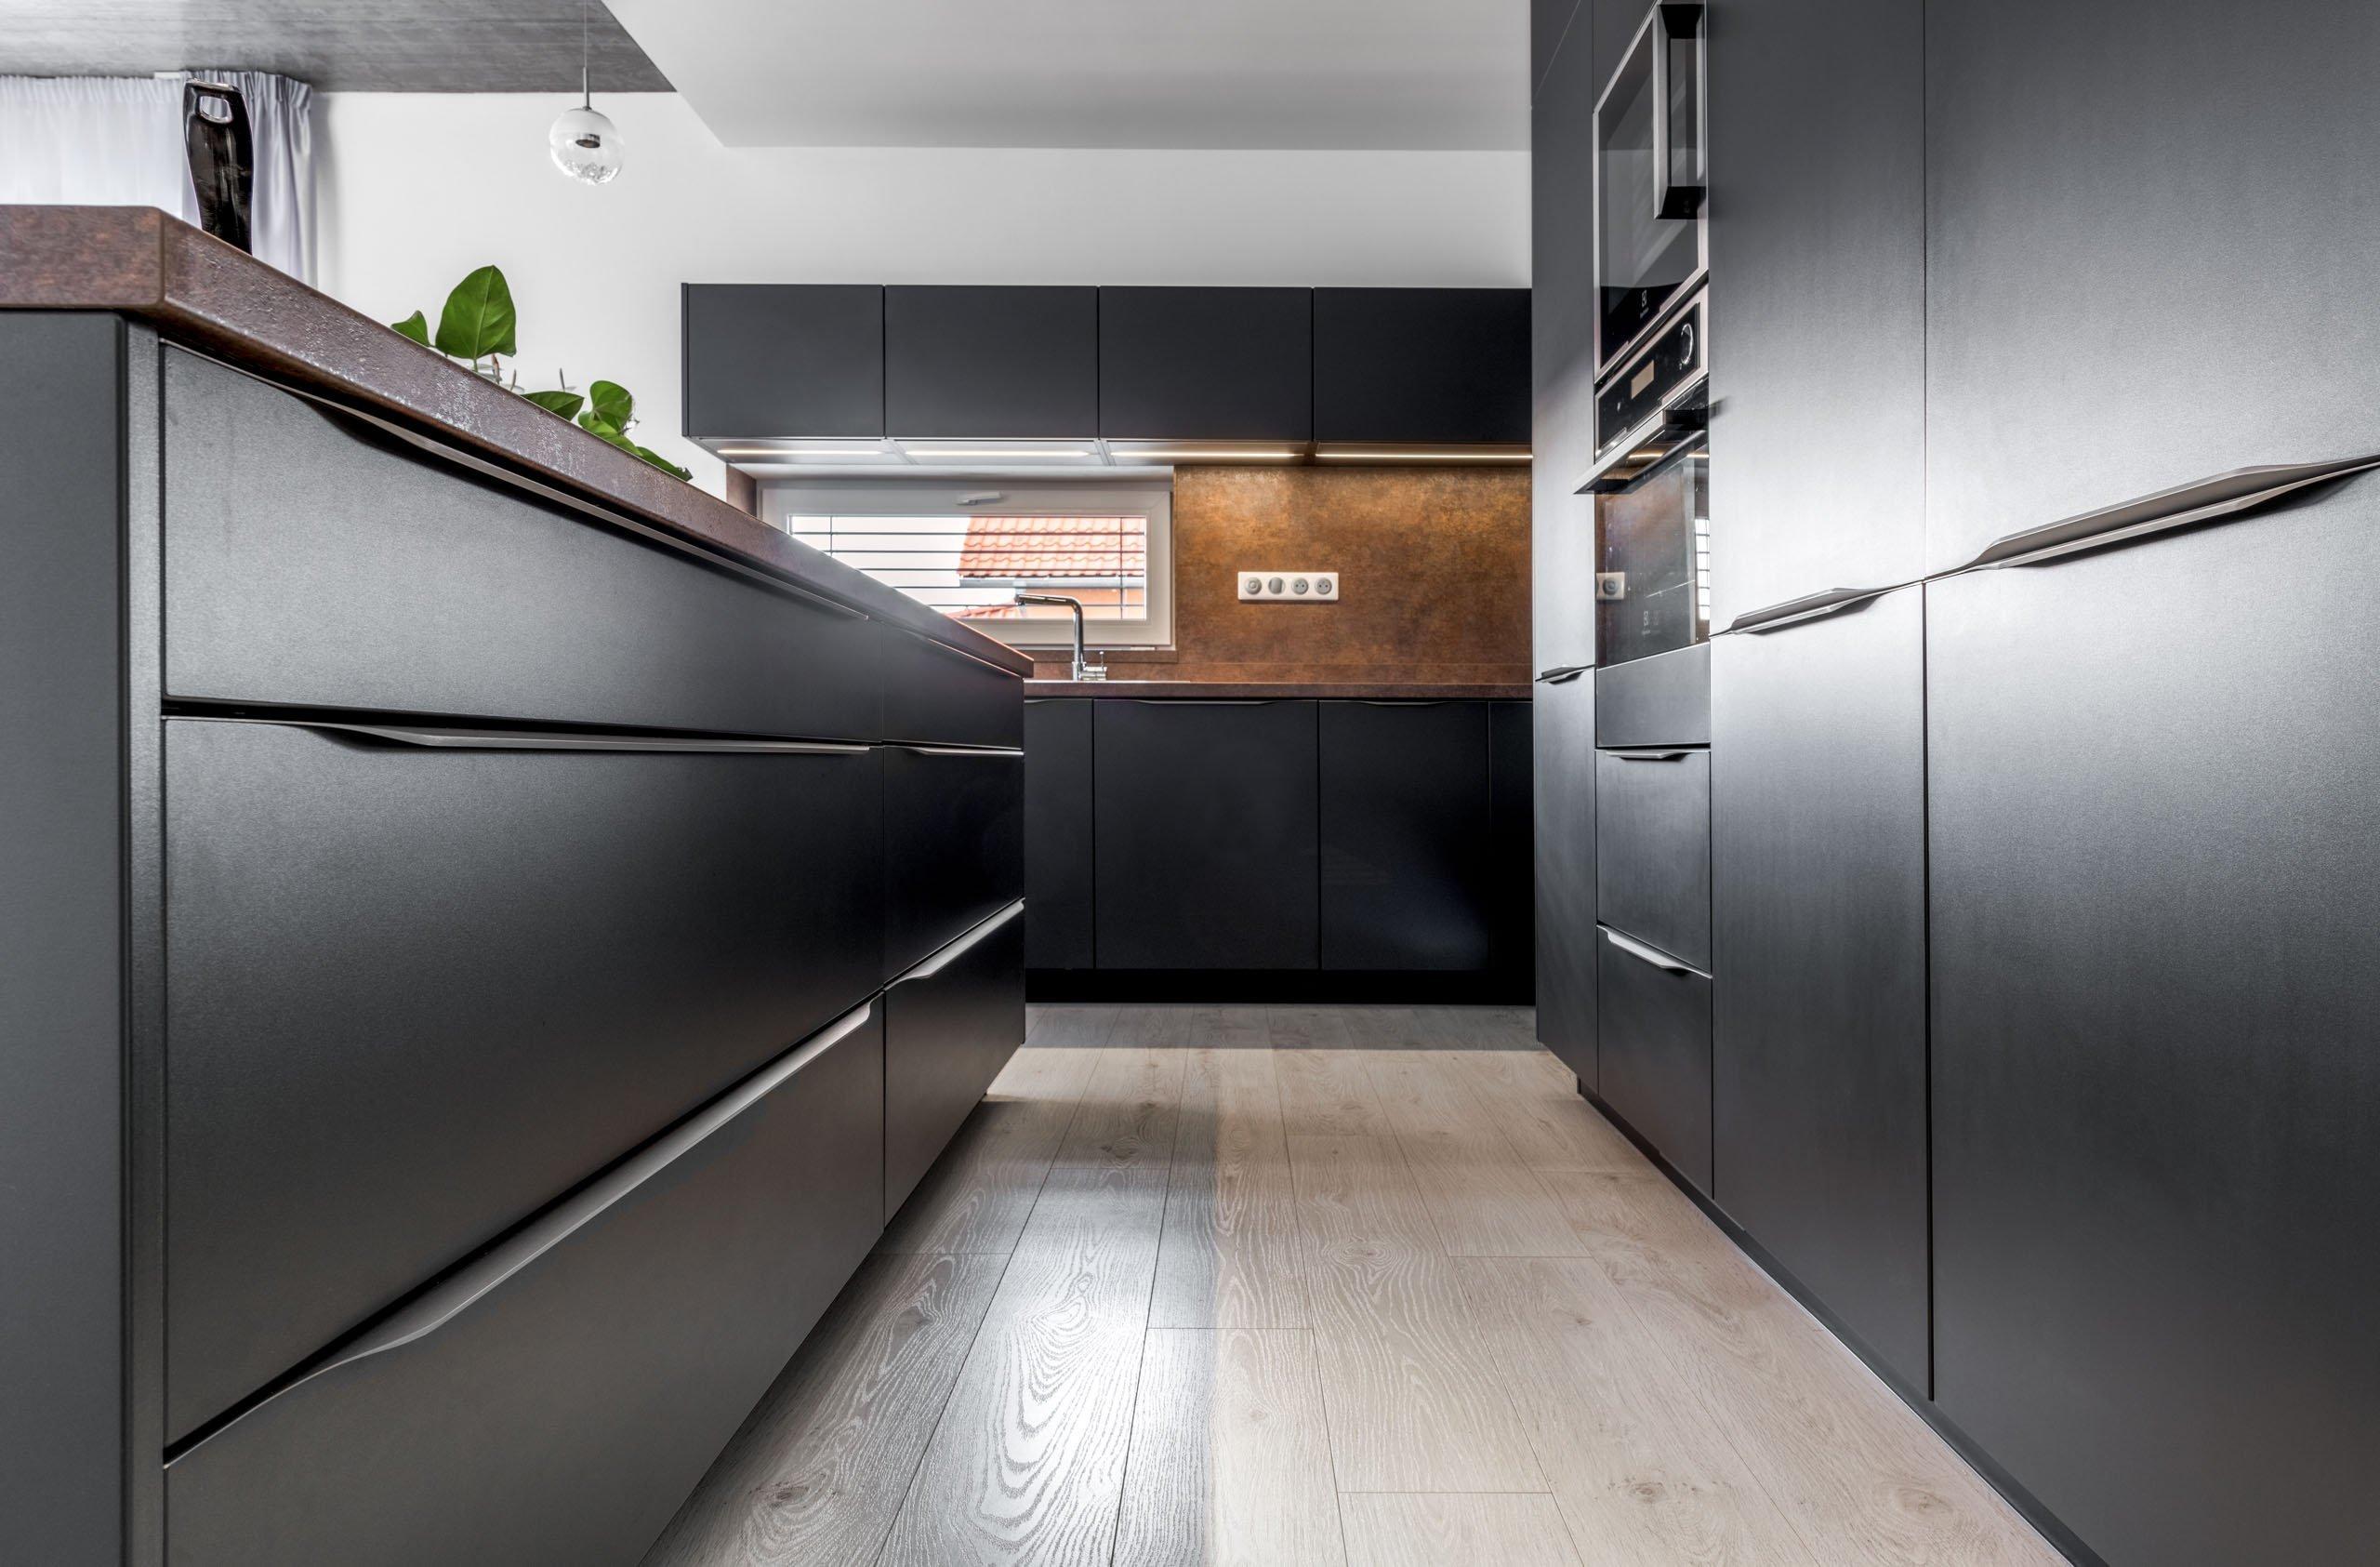 Představujeme řídící místo celé domácnosti. Kuchyni Trend Matt Antracit, kde se sbíhají všechny důležité rodinné okamžiky a rodí všechna zásadní rozhodnutí.…